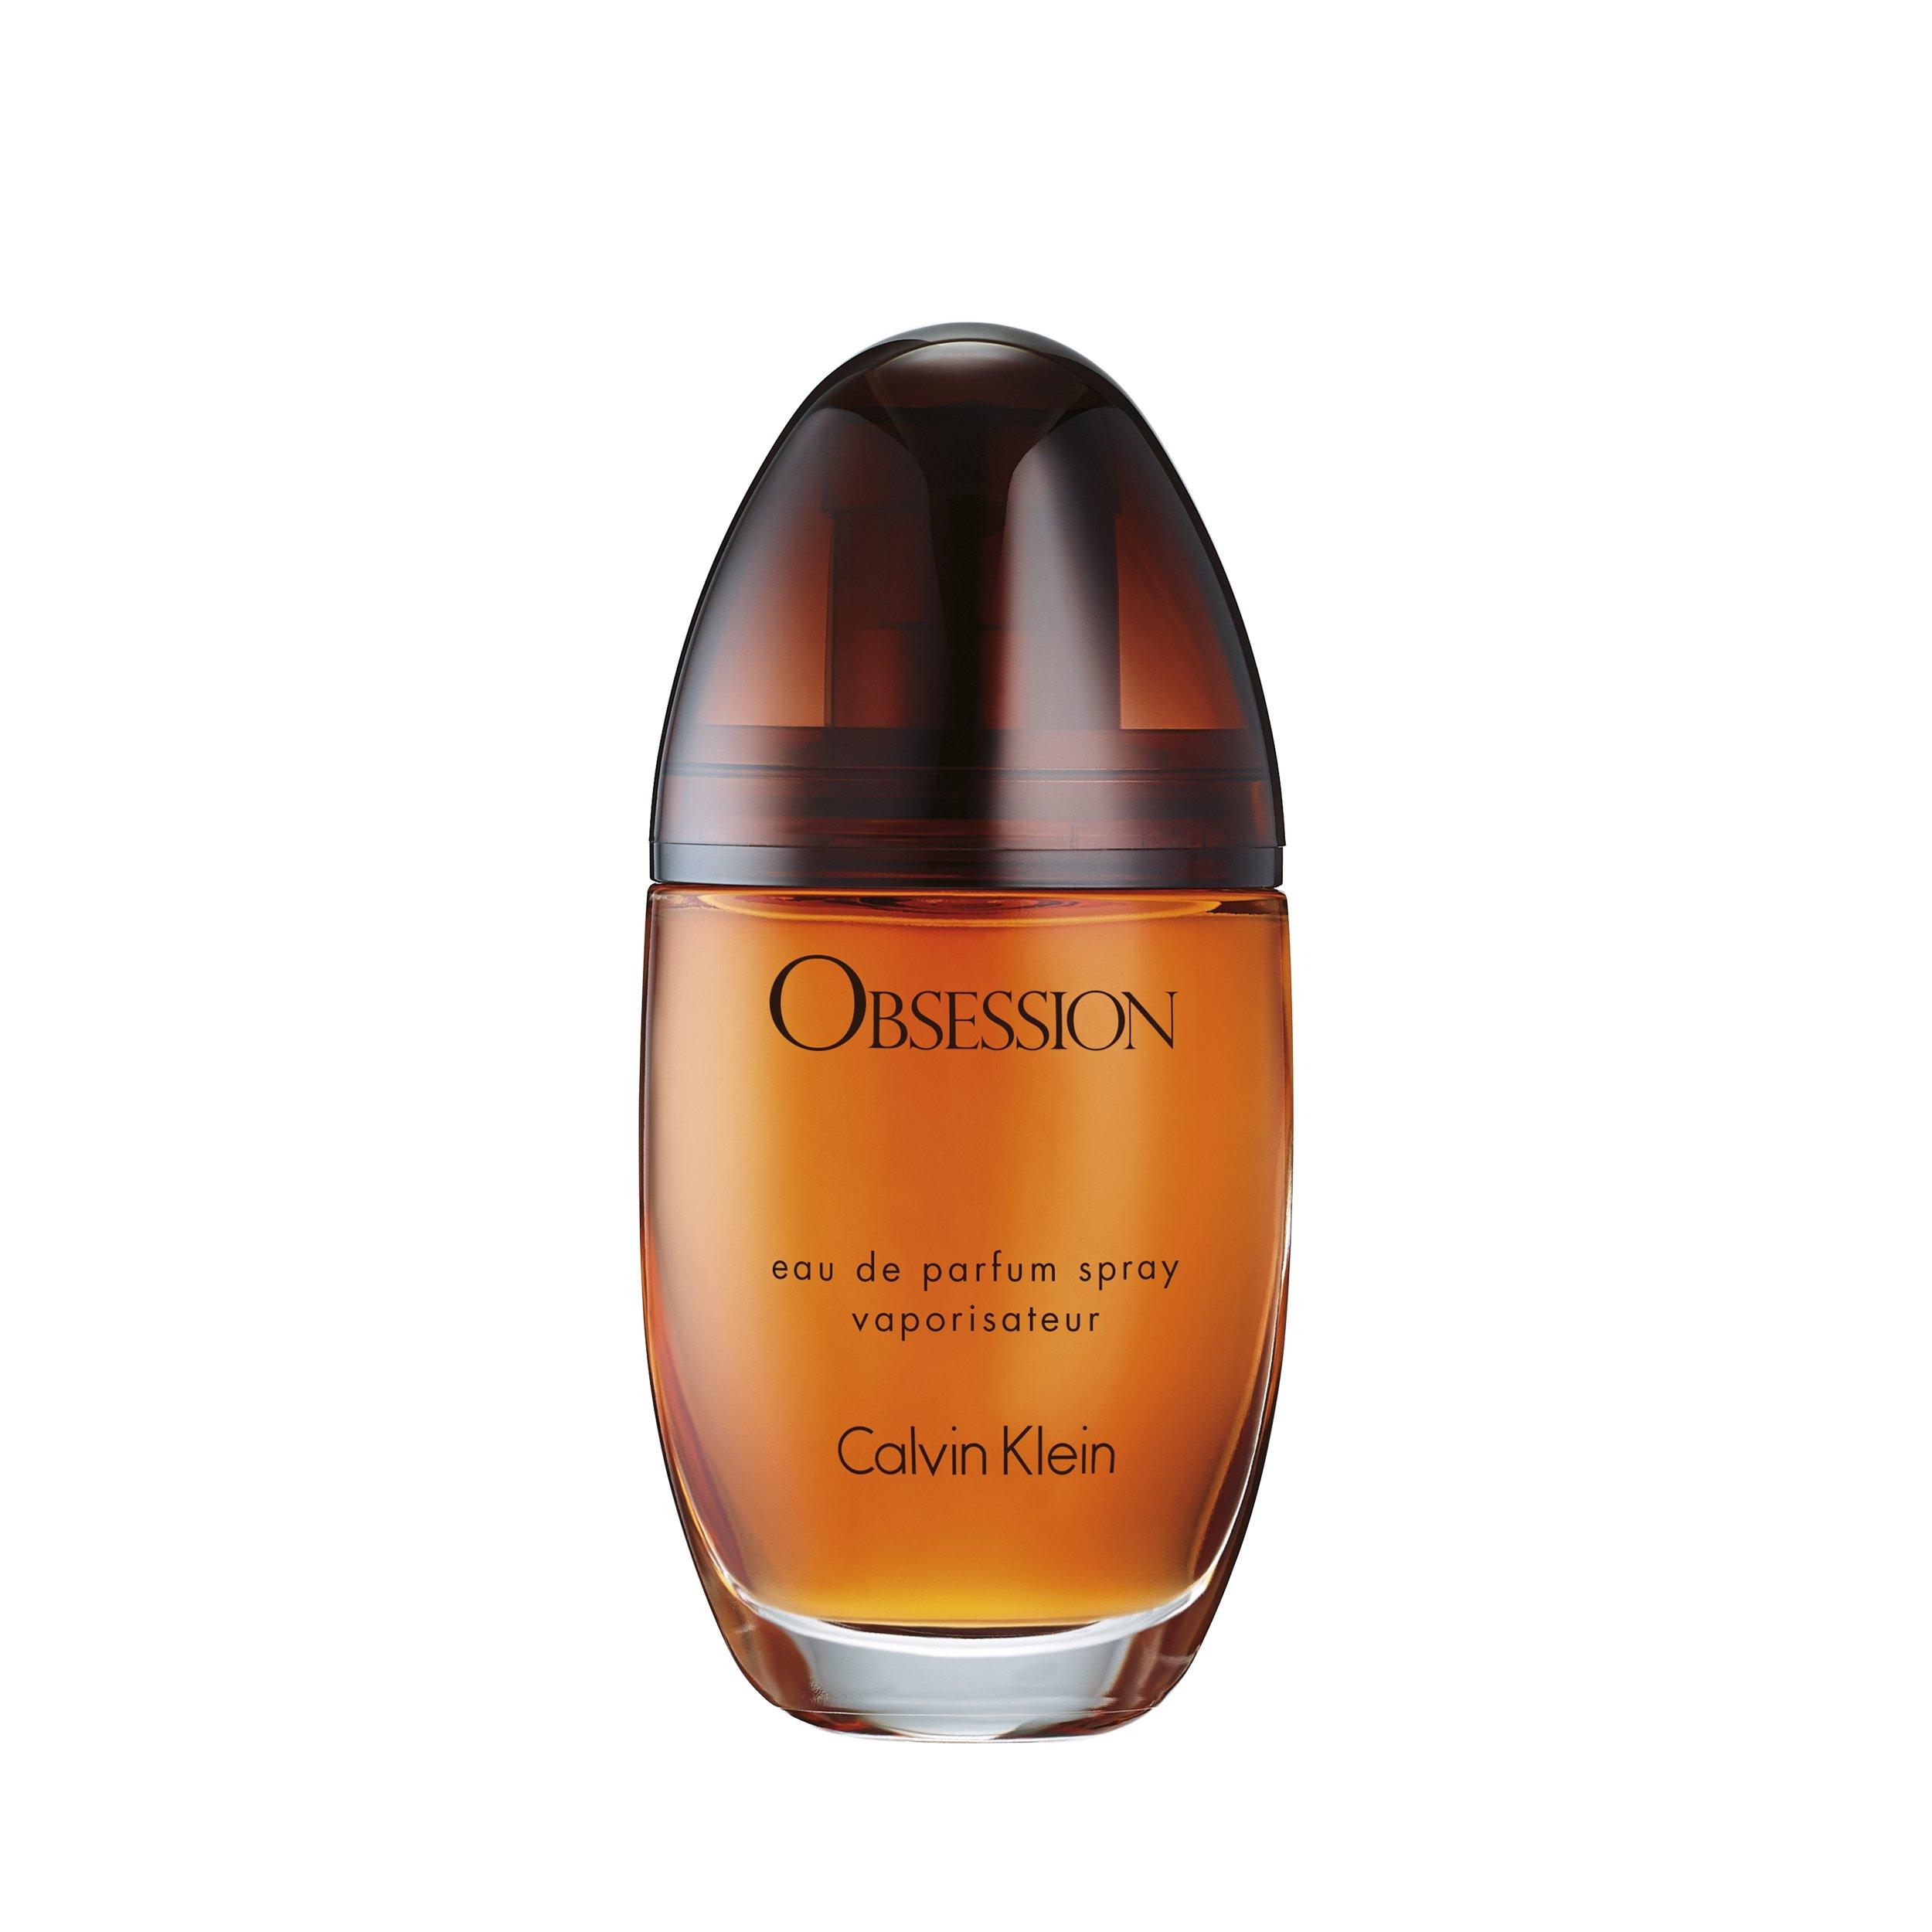 Calvin Klein Obsession Eau de Parfum Spray 100ml - The